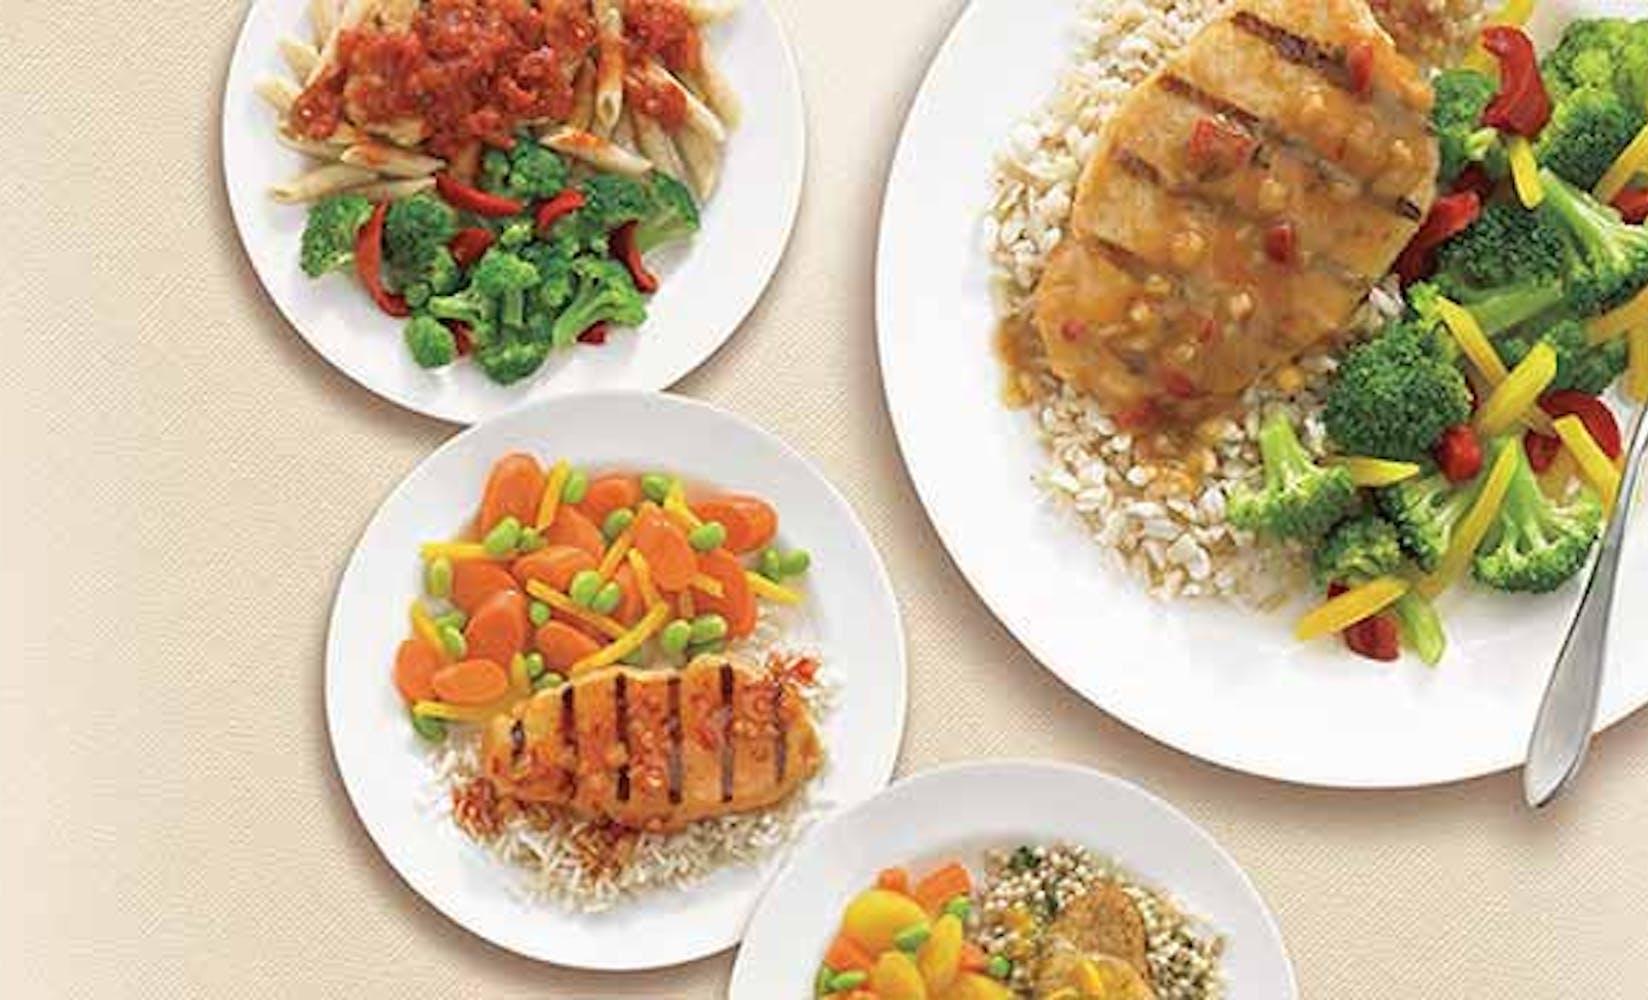 Meals 640 1